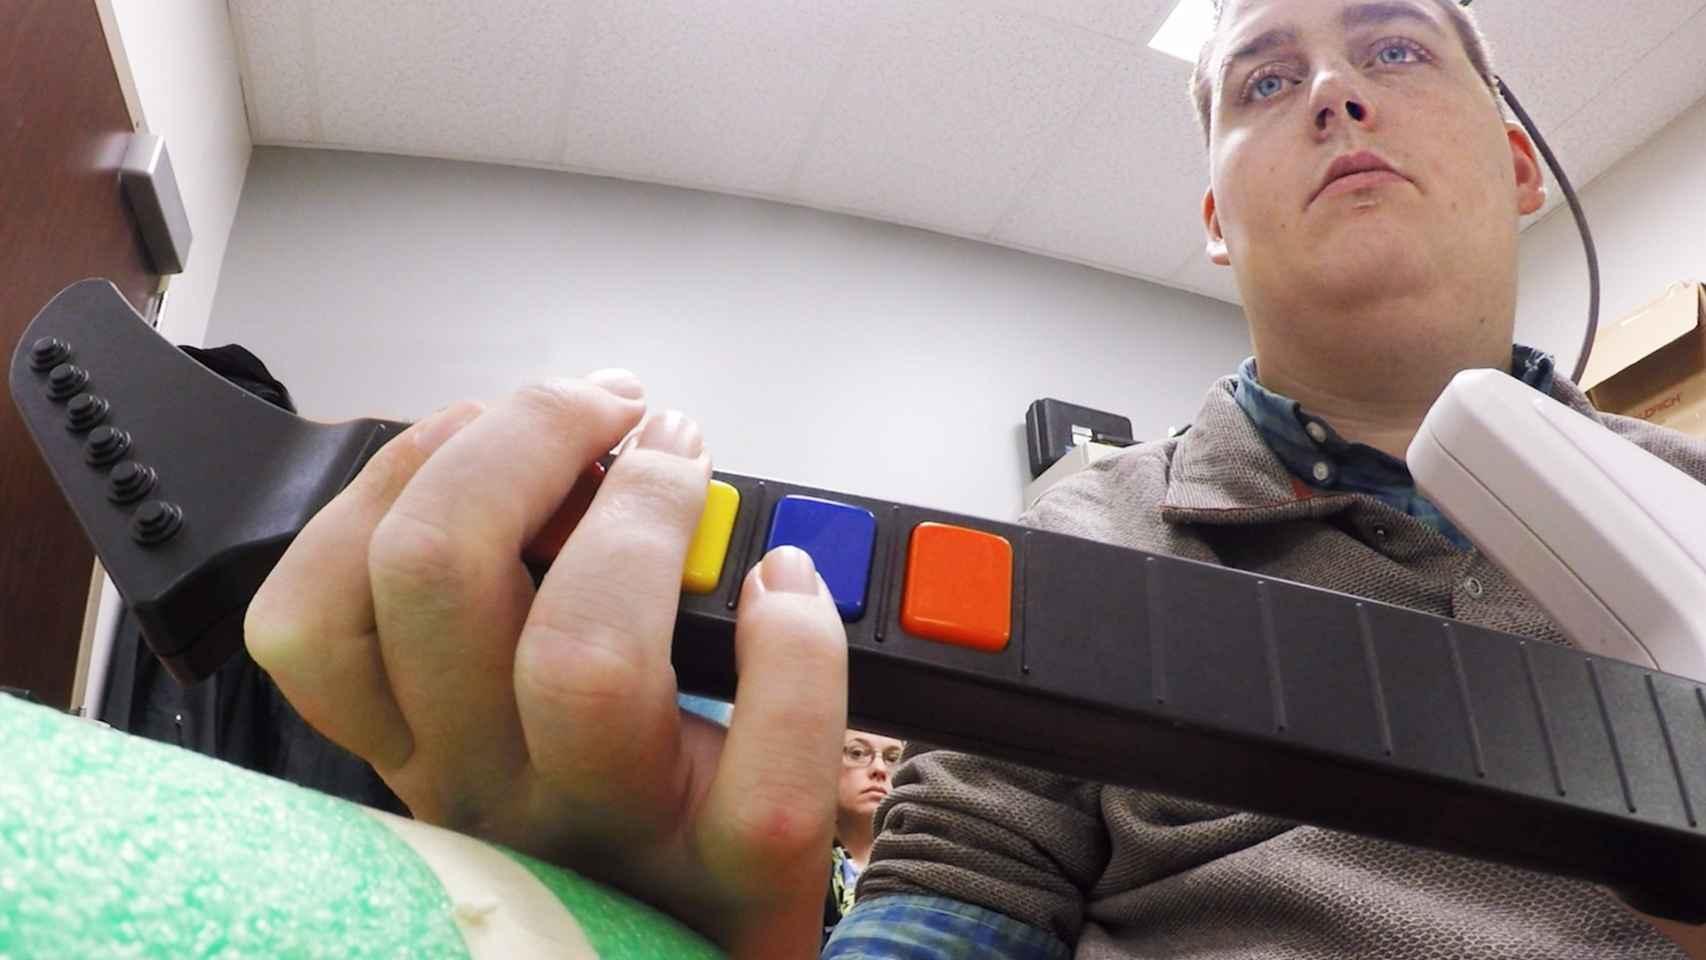 El joven tetrapléjico, jugando al Guitar Hero.